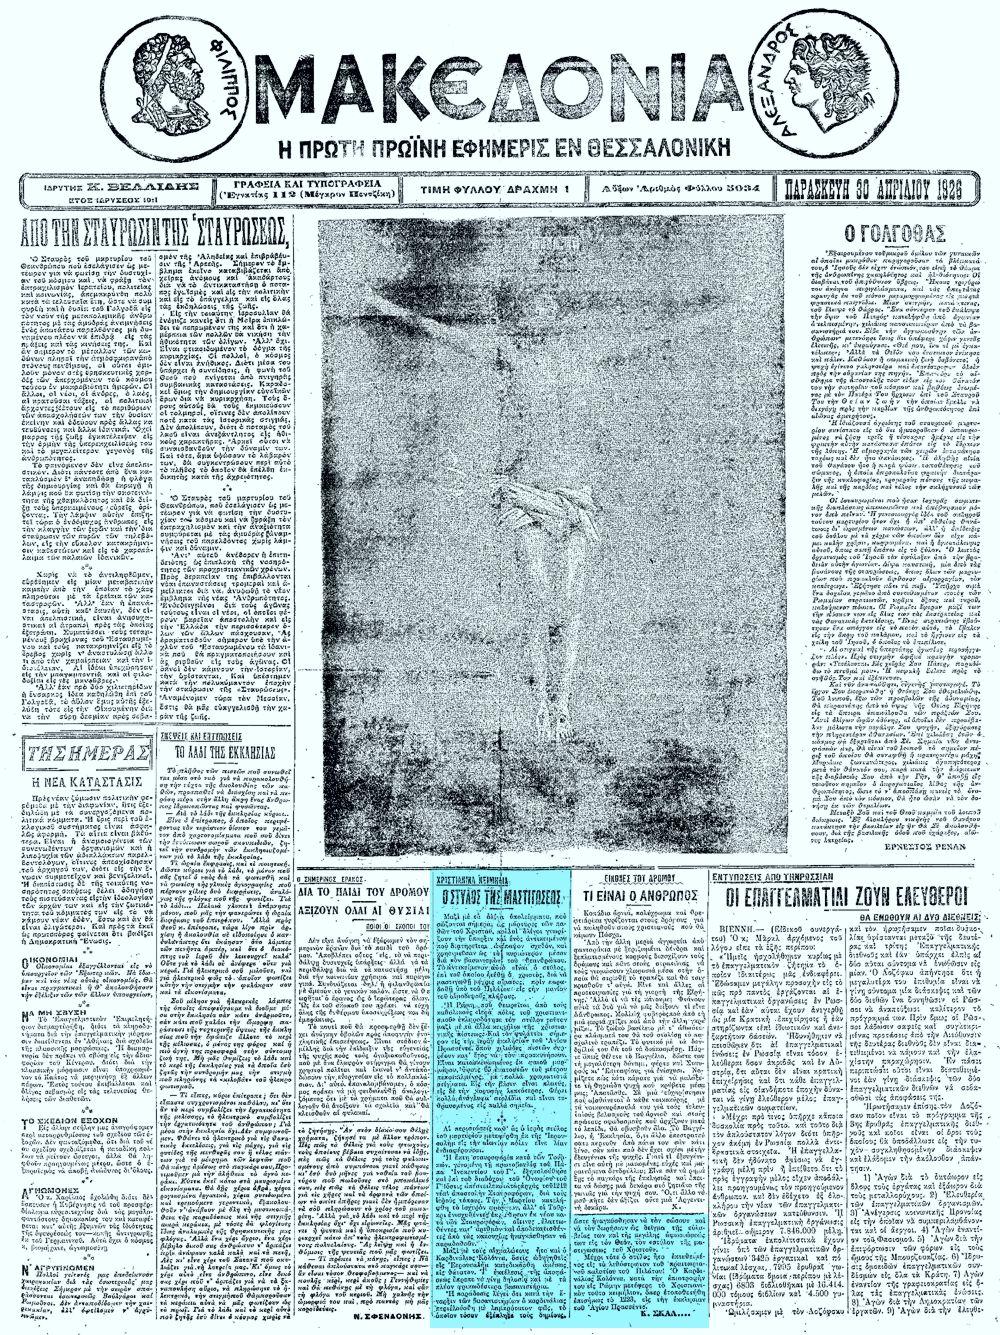 """Το άρθρο, όπως δημοσιεύθηκε στην εφημερίδα """"ΜΑΚΕΔΟΝΙΑ"""", στις 30/04/1926"""